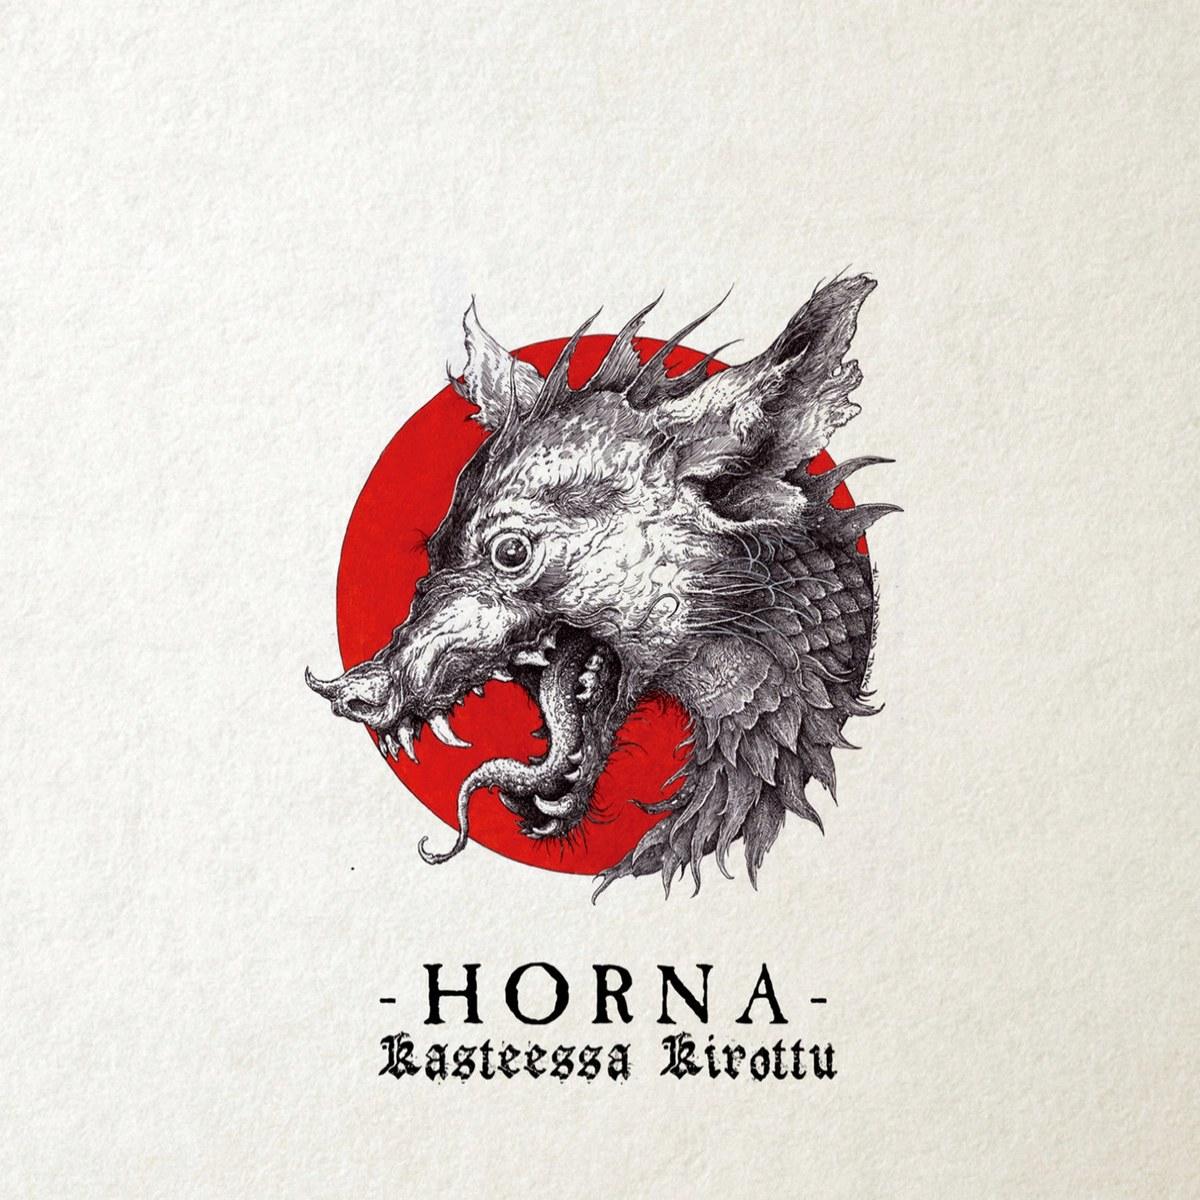 Horna - Kasteessa Kirottu